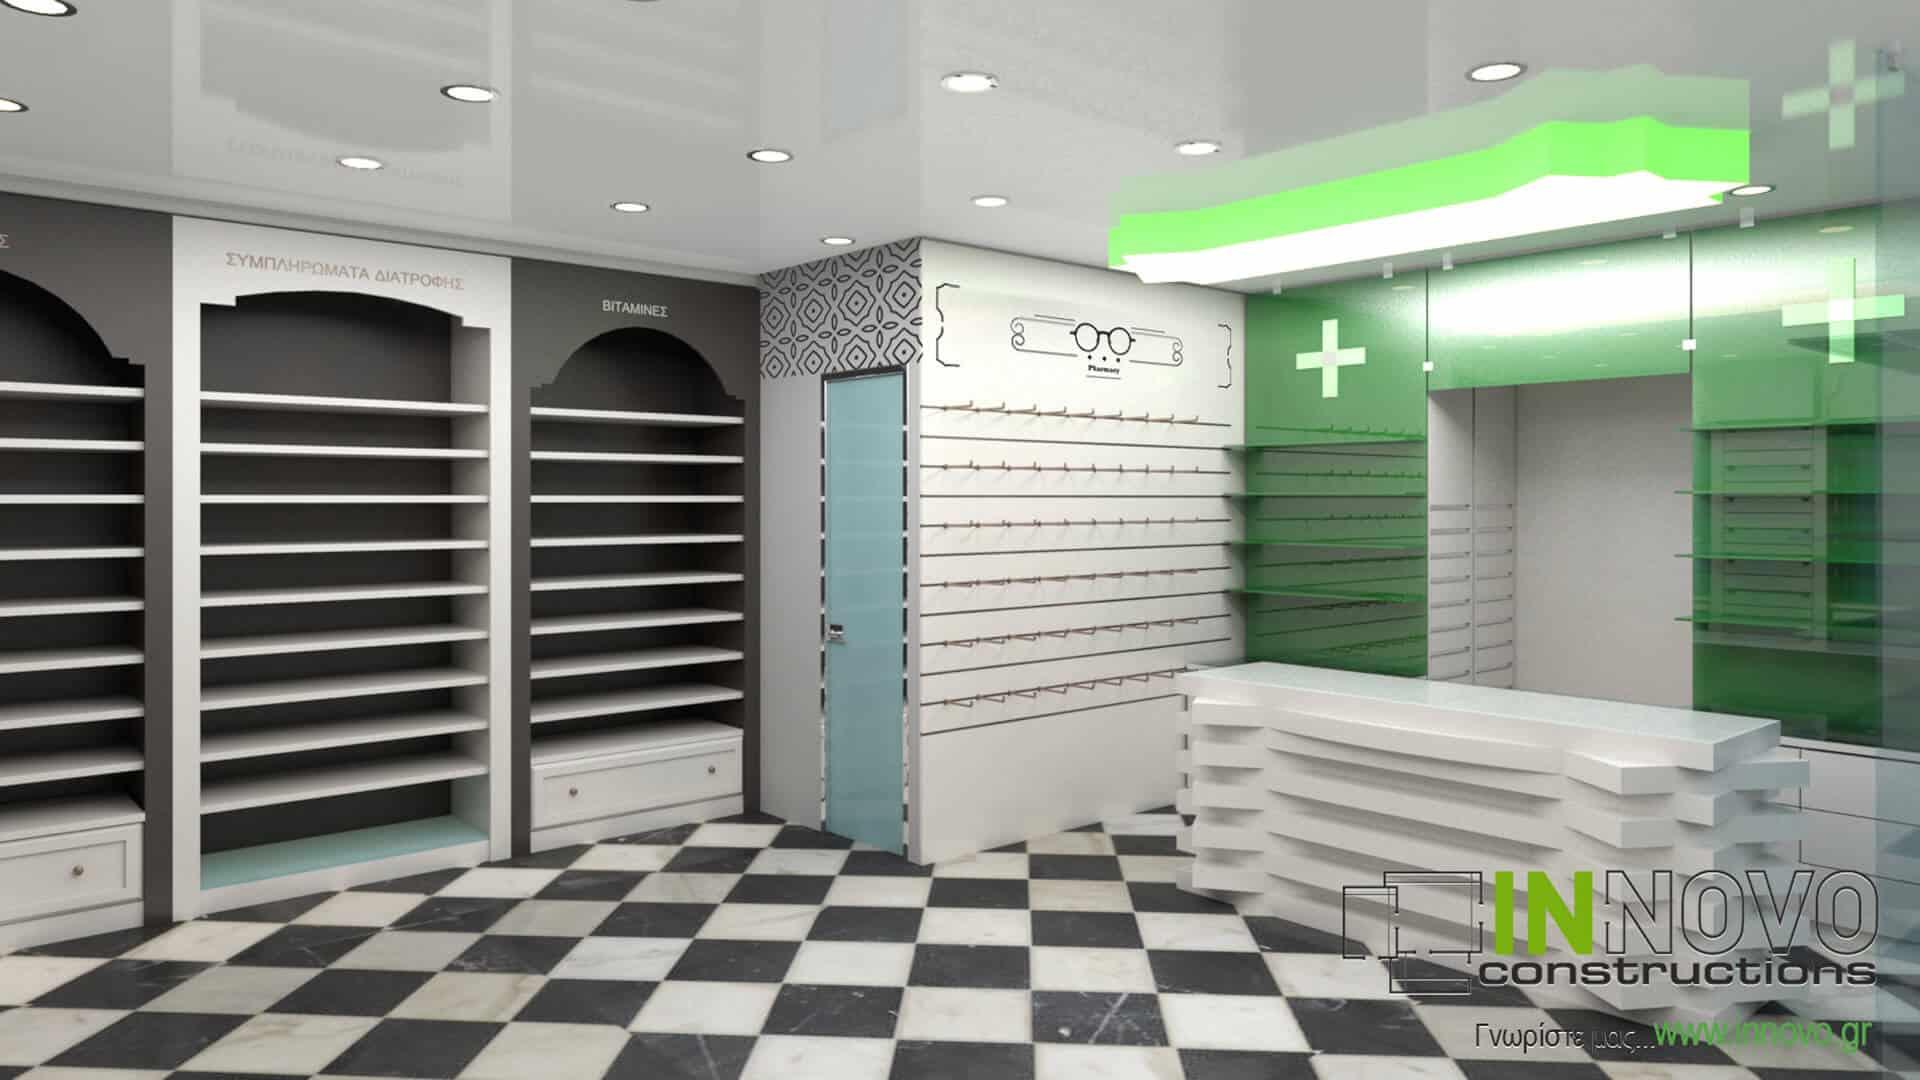 Από την Constructions, σχεδιασμός μελέτης φαρμακείου στον Πειραιά